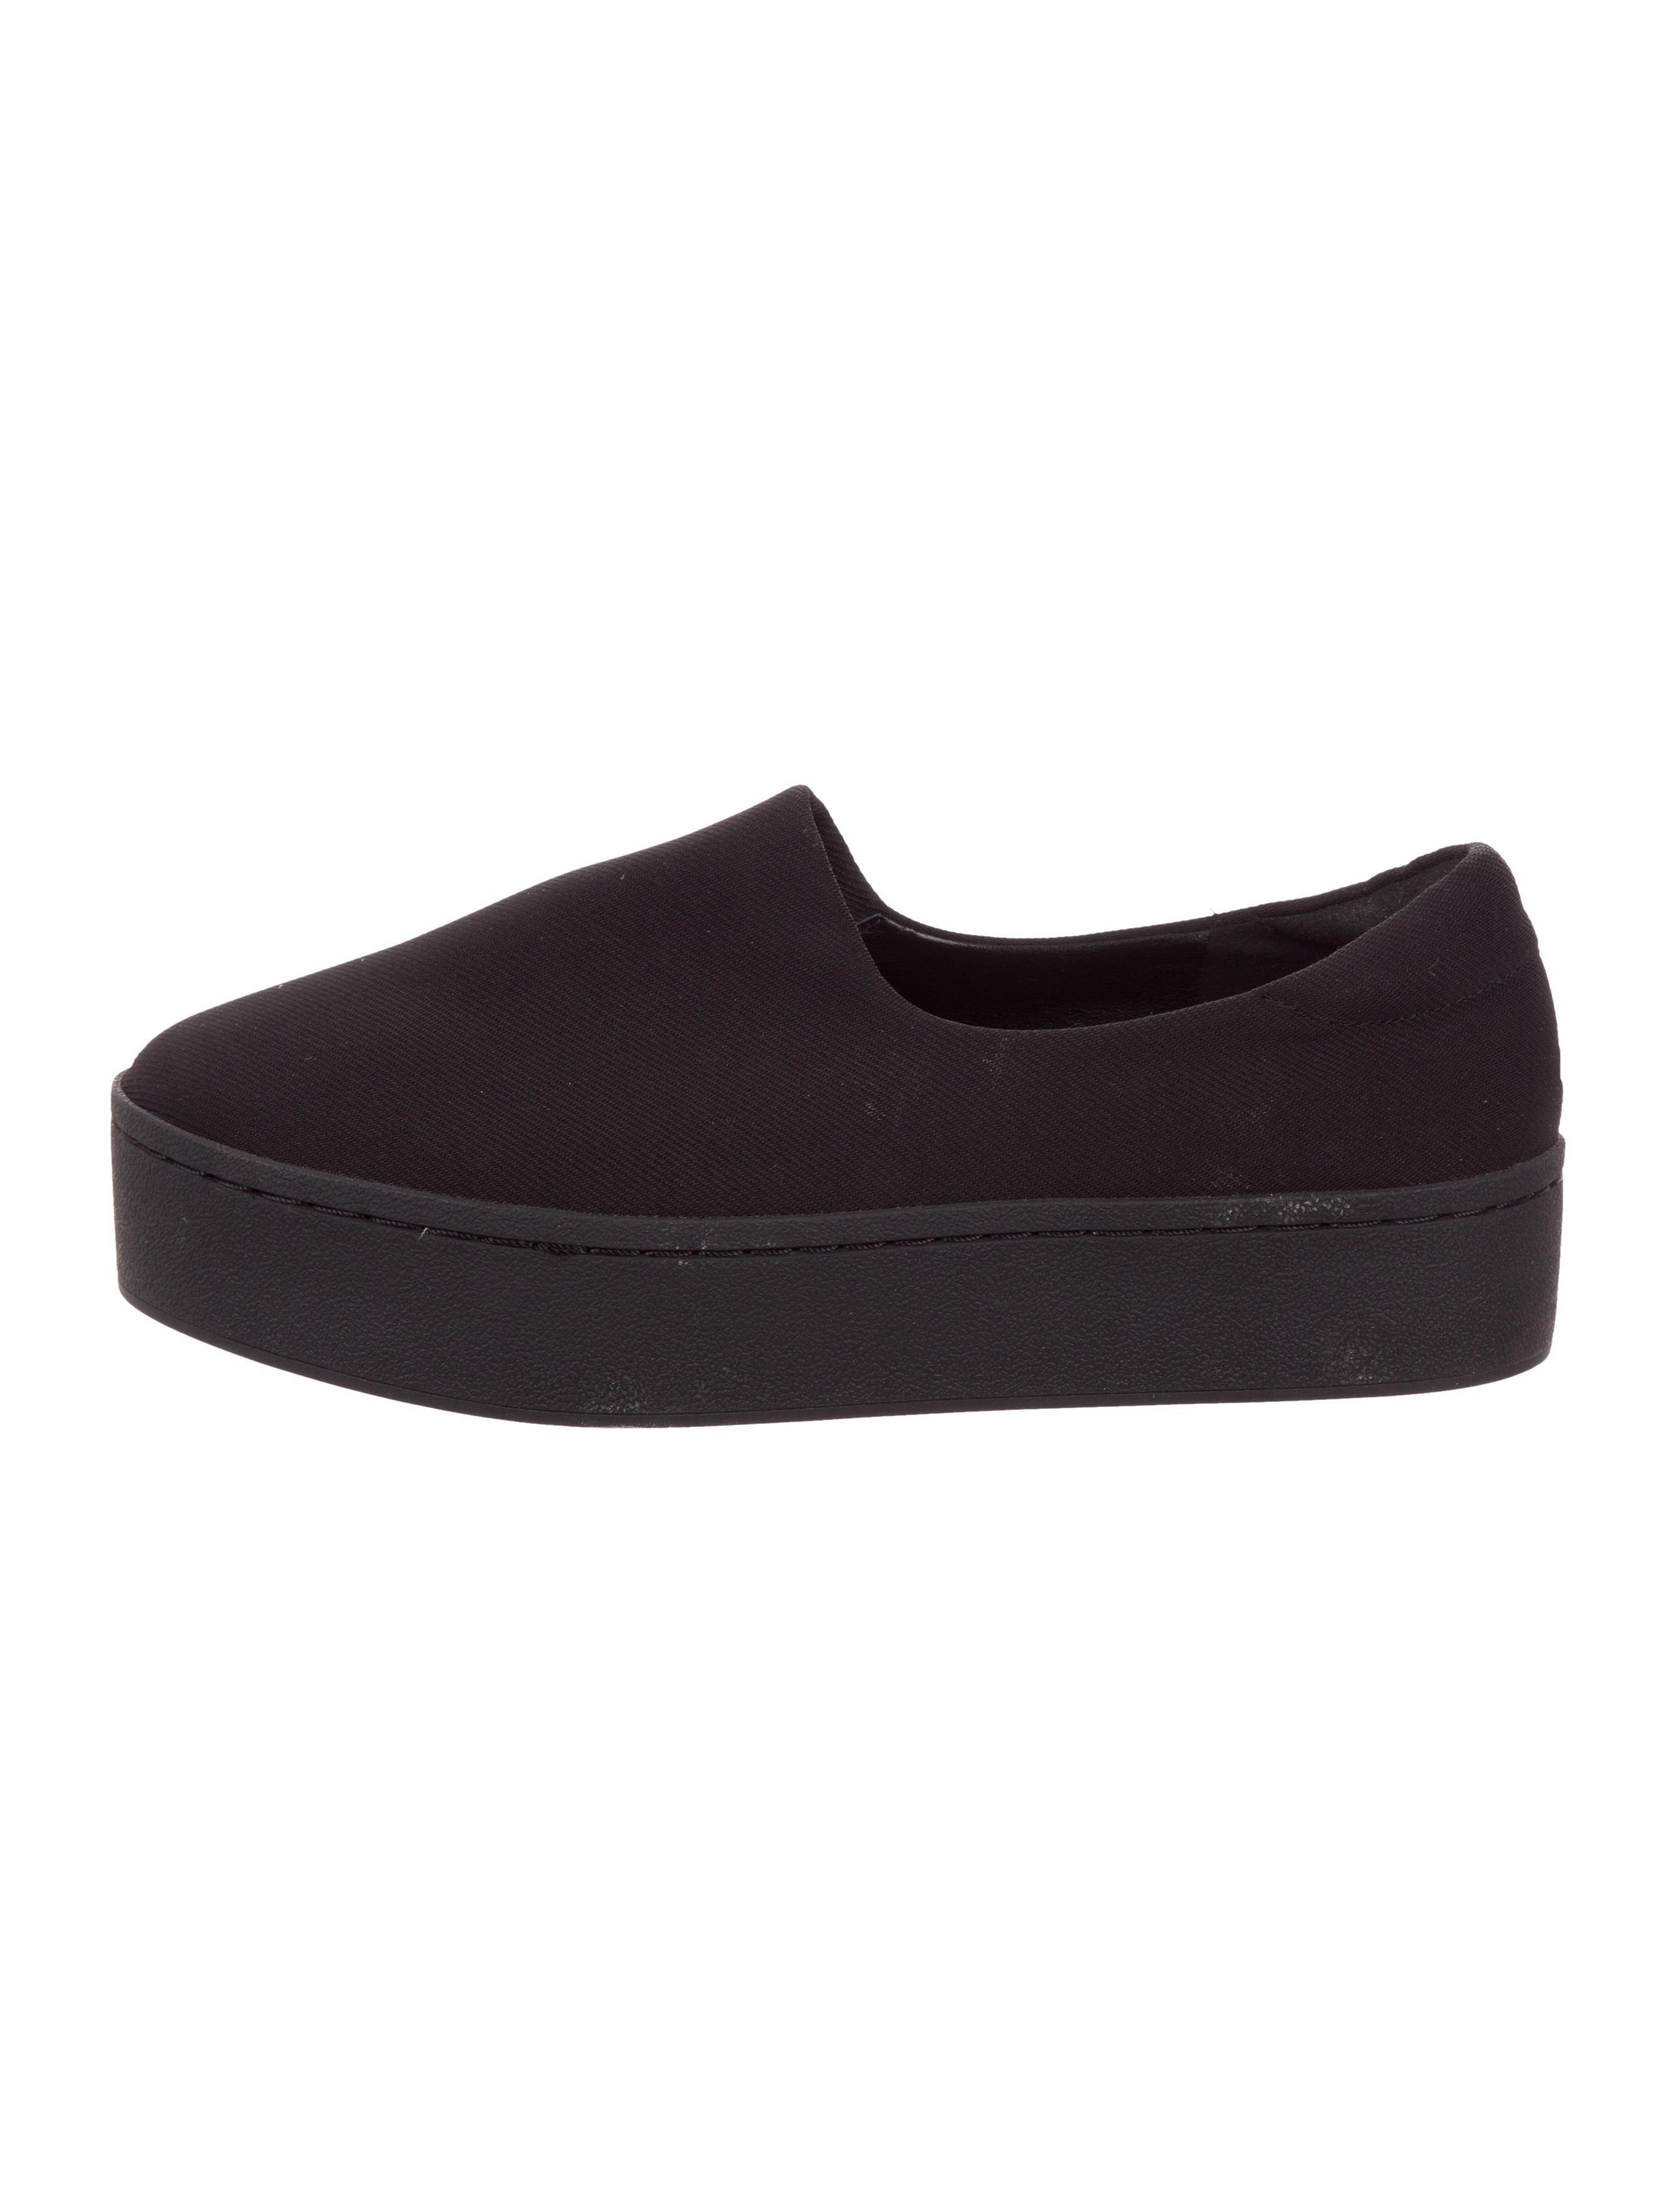 karl lagerfeld platform slip on sneakers shoes